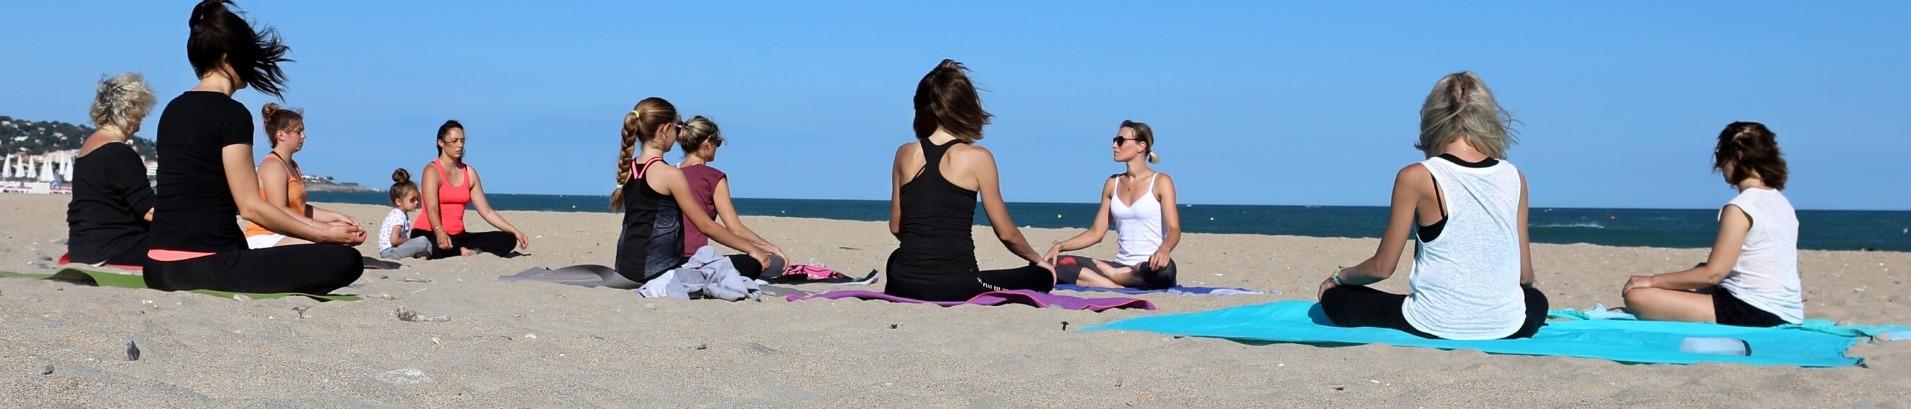 Yoga sur la plage de Carnon